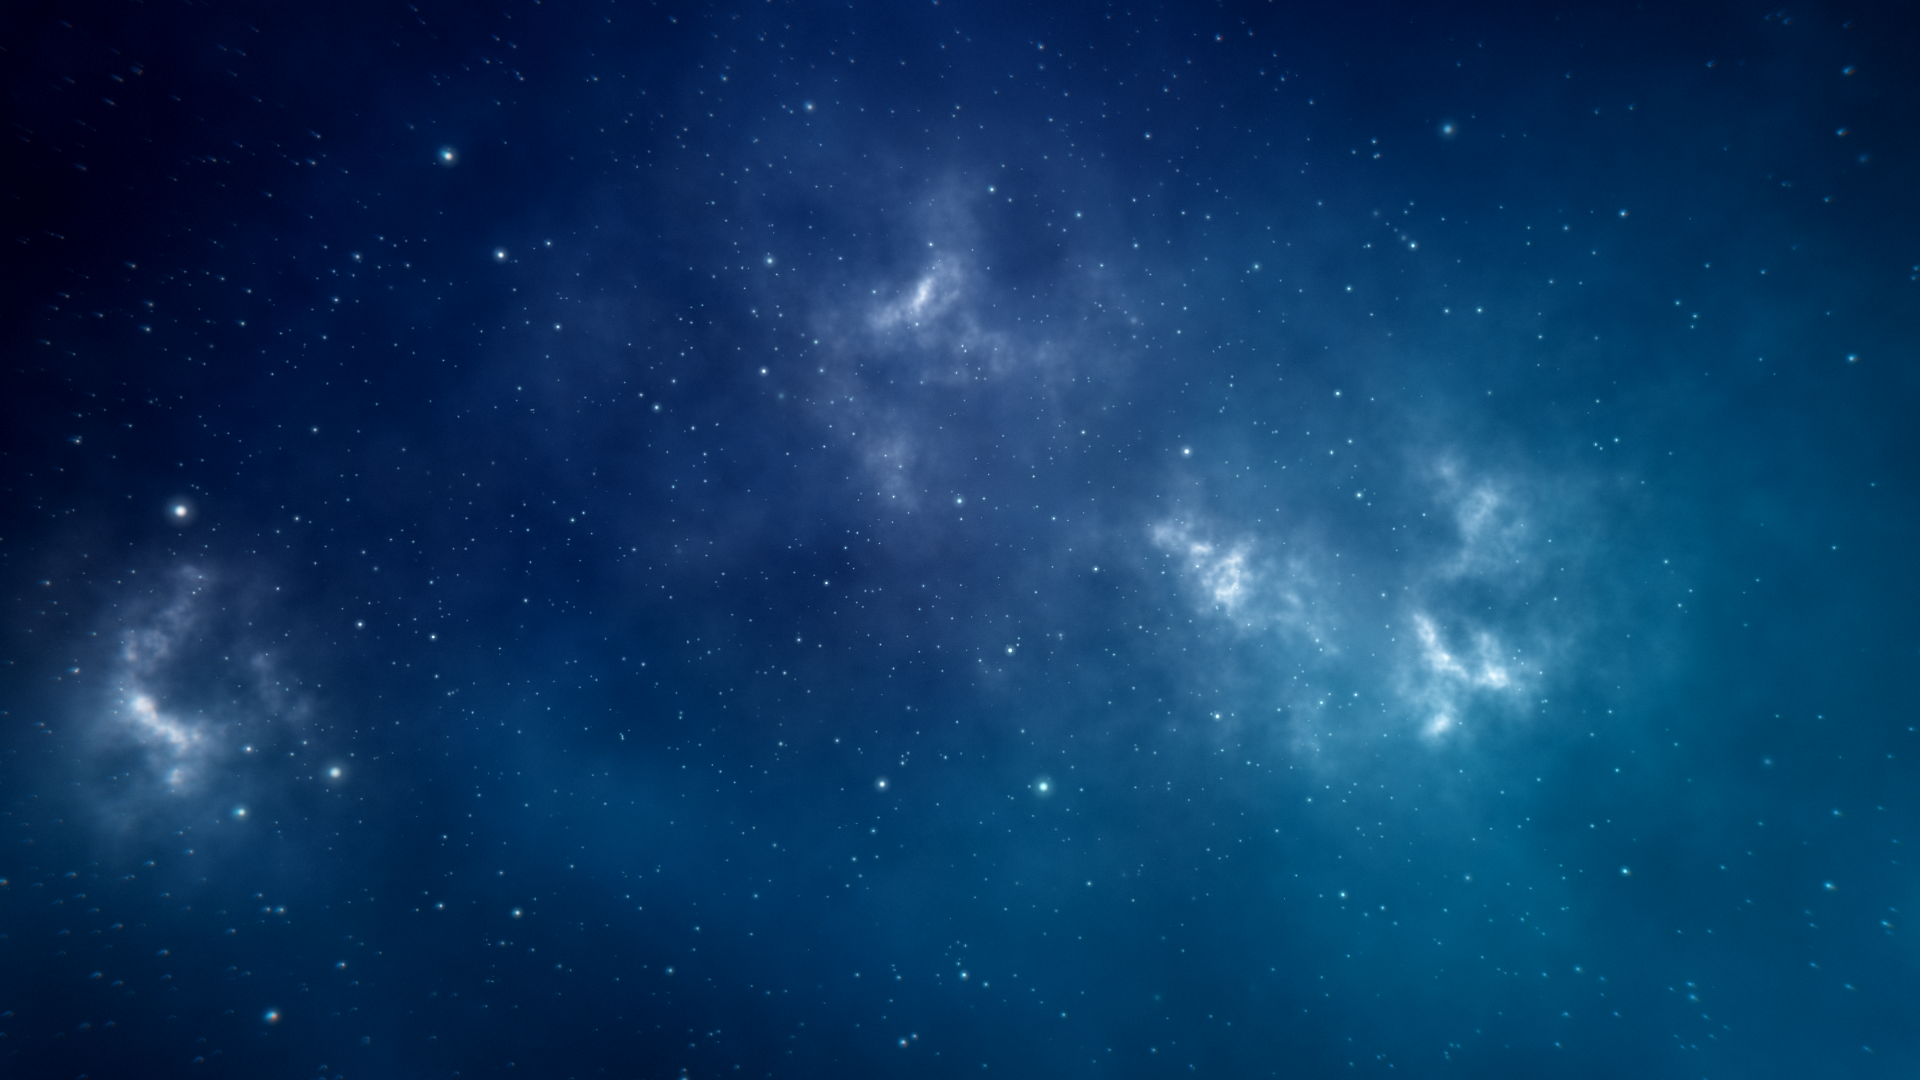 唯美星空粒子循环背景